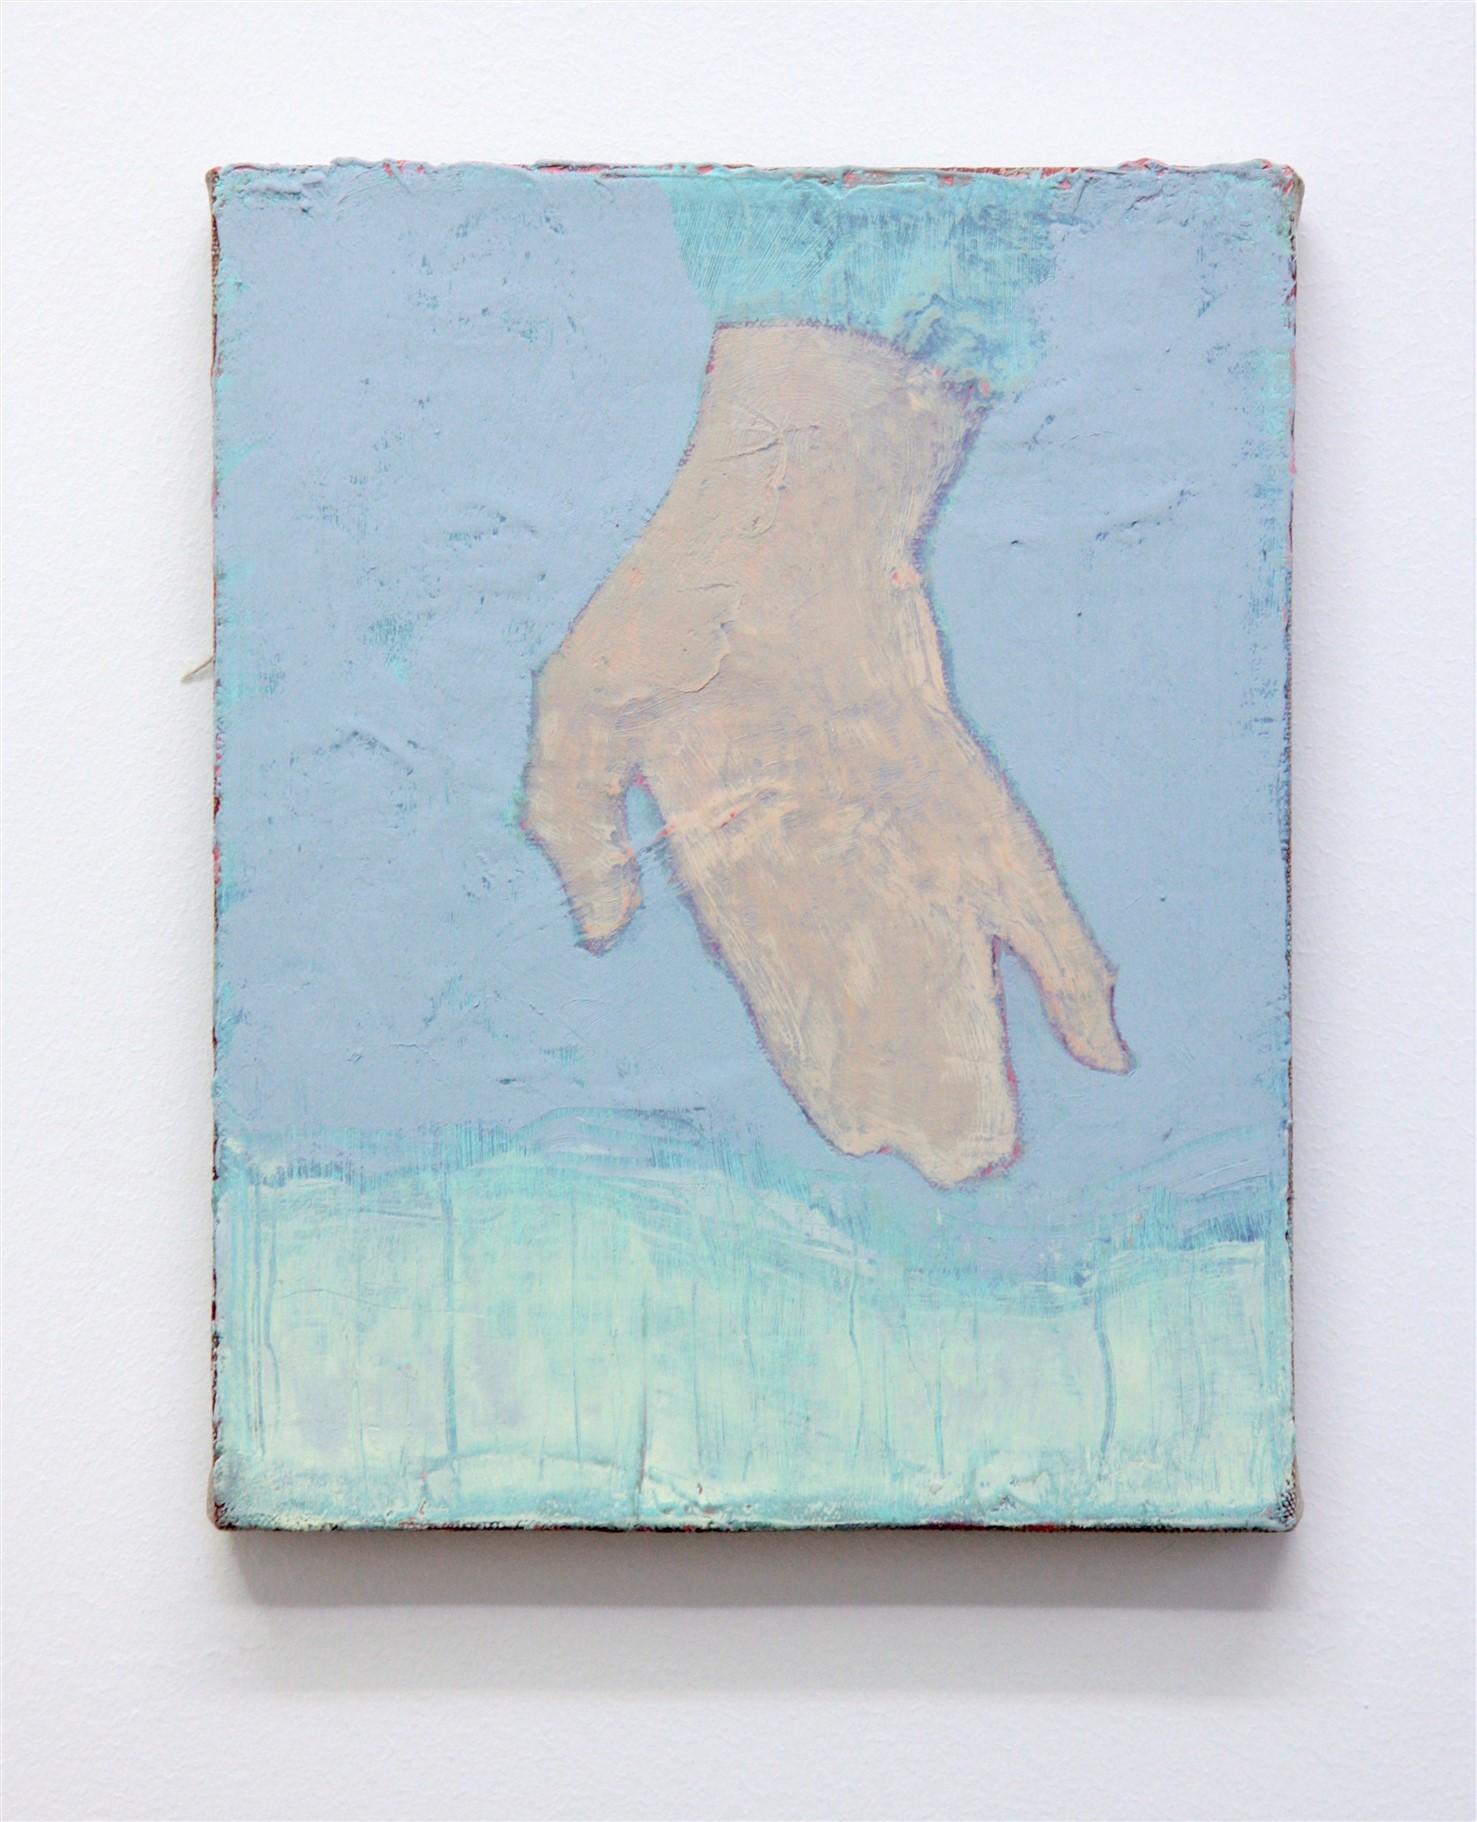 Simon Martin, Main épaisse, 2018, huile sur toile, 24 x 19 cm_v2_web